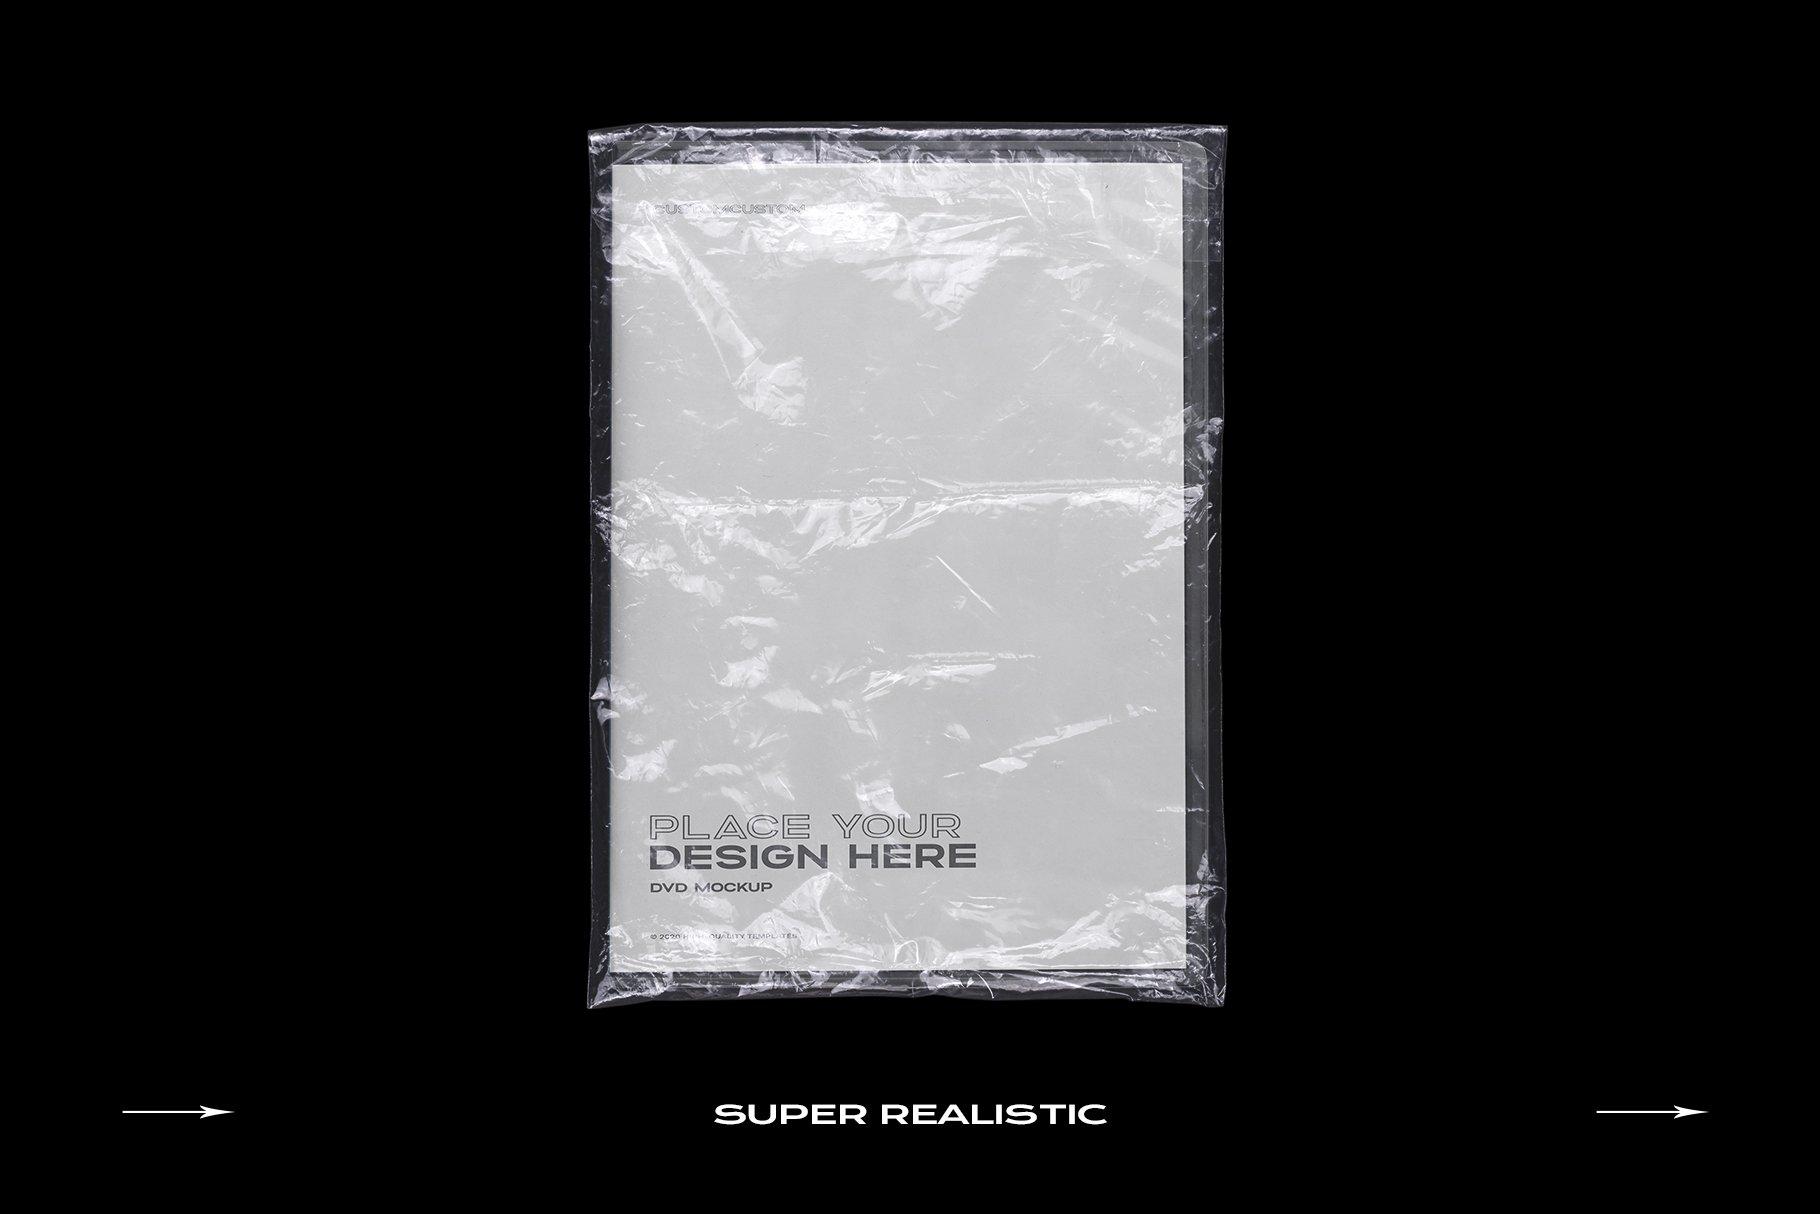 [淘宝购买] 60个DVD光盘包装盒塑料袋塑料膜贴纸样机PS设计素材 DVD Case Mockup Template Bundle Disc插图(5)